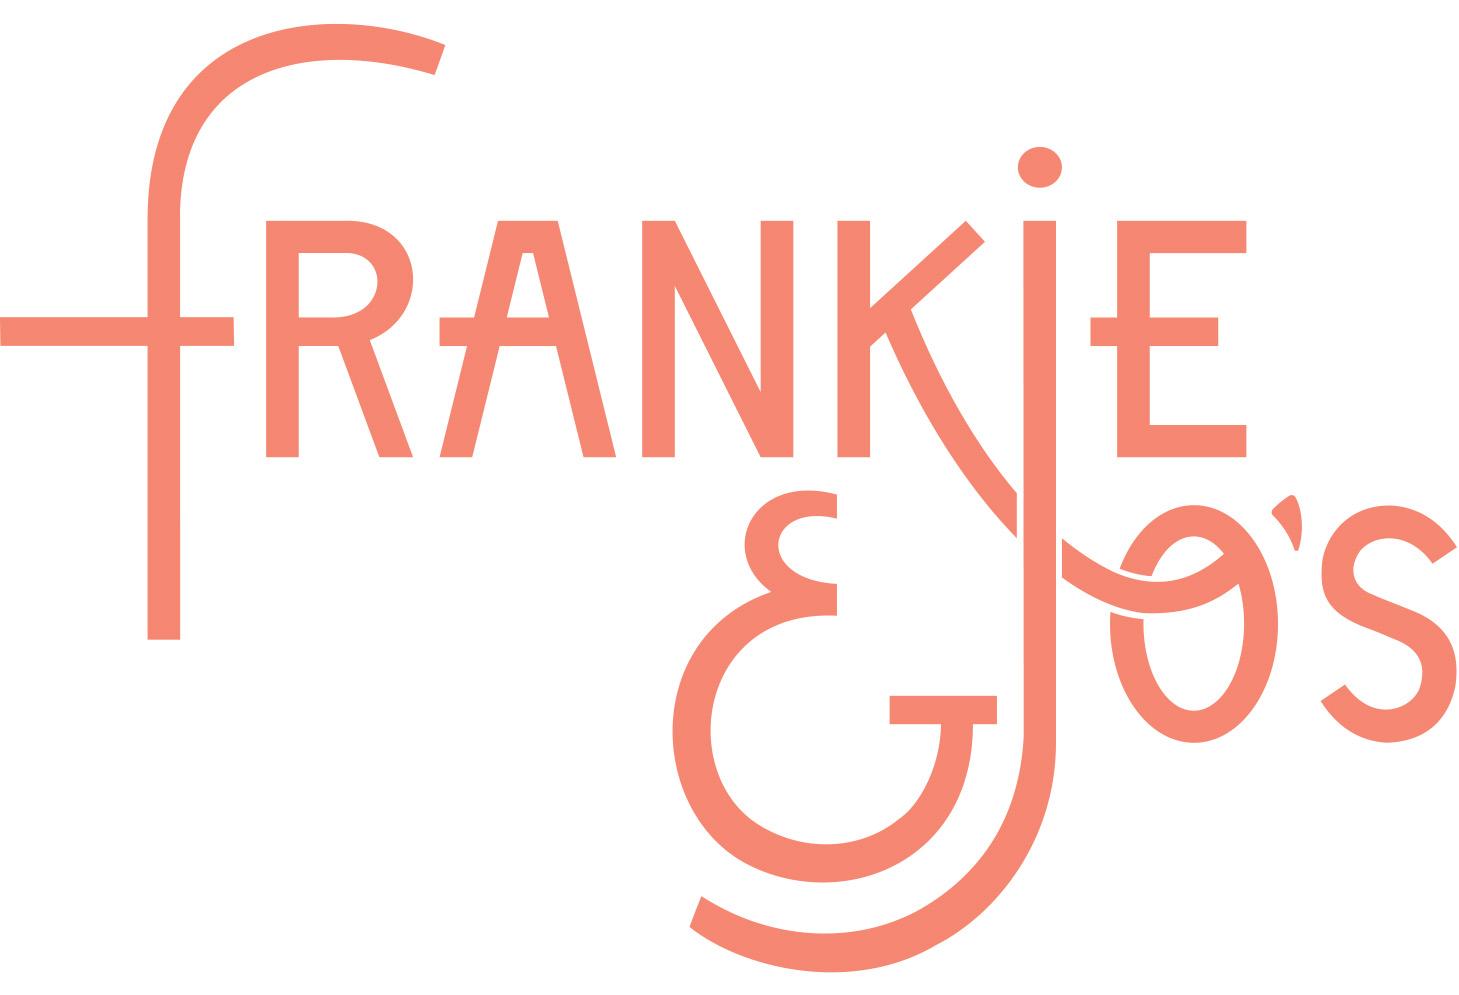 Frankie&jo's